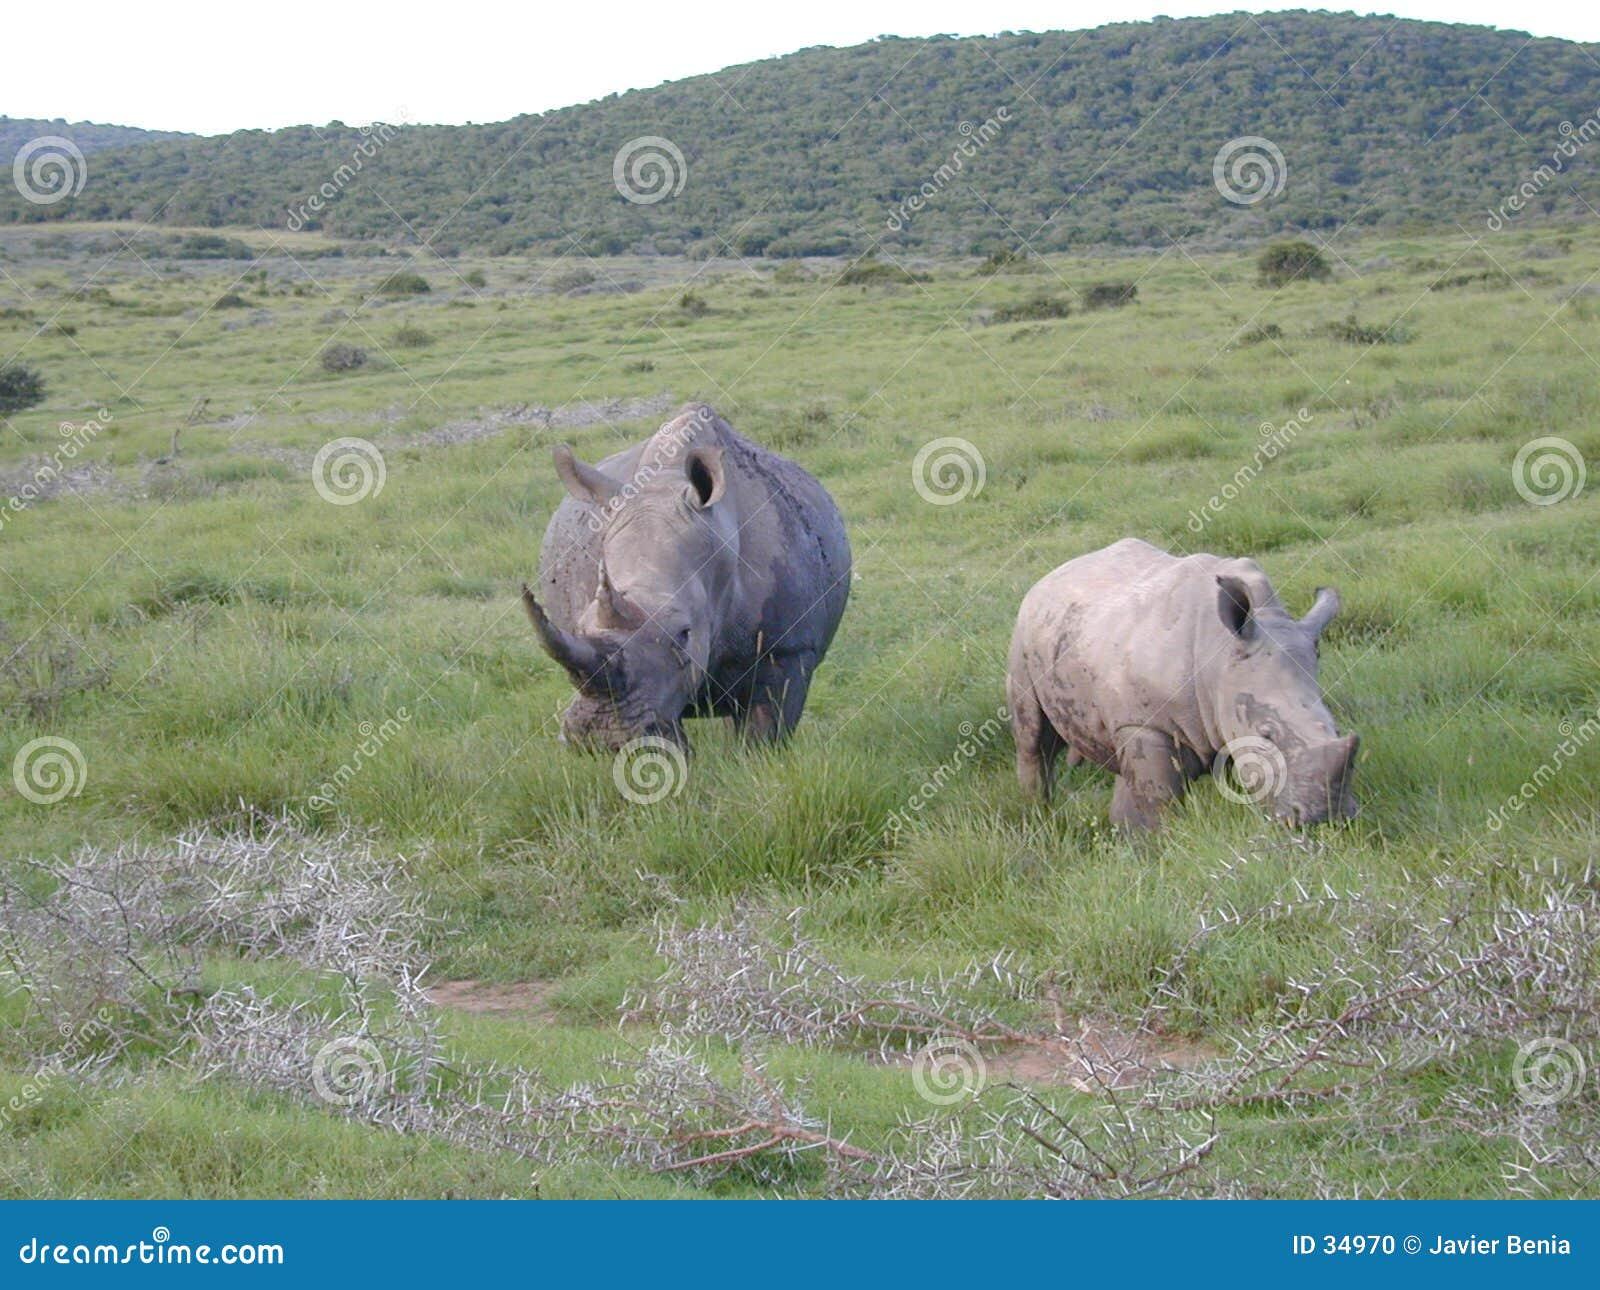 Big Rhinoceraus